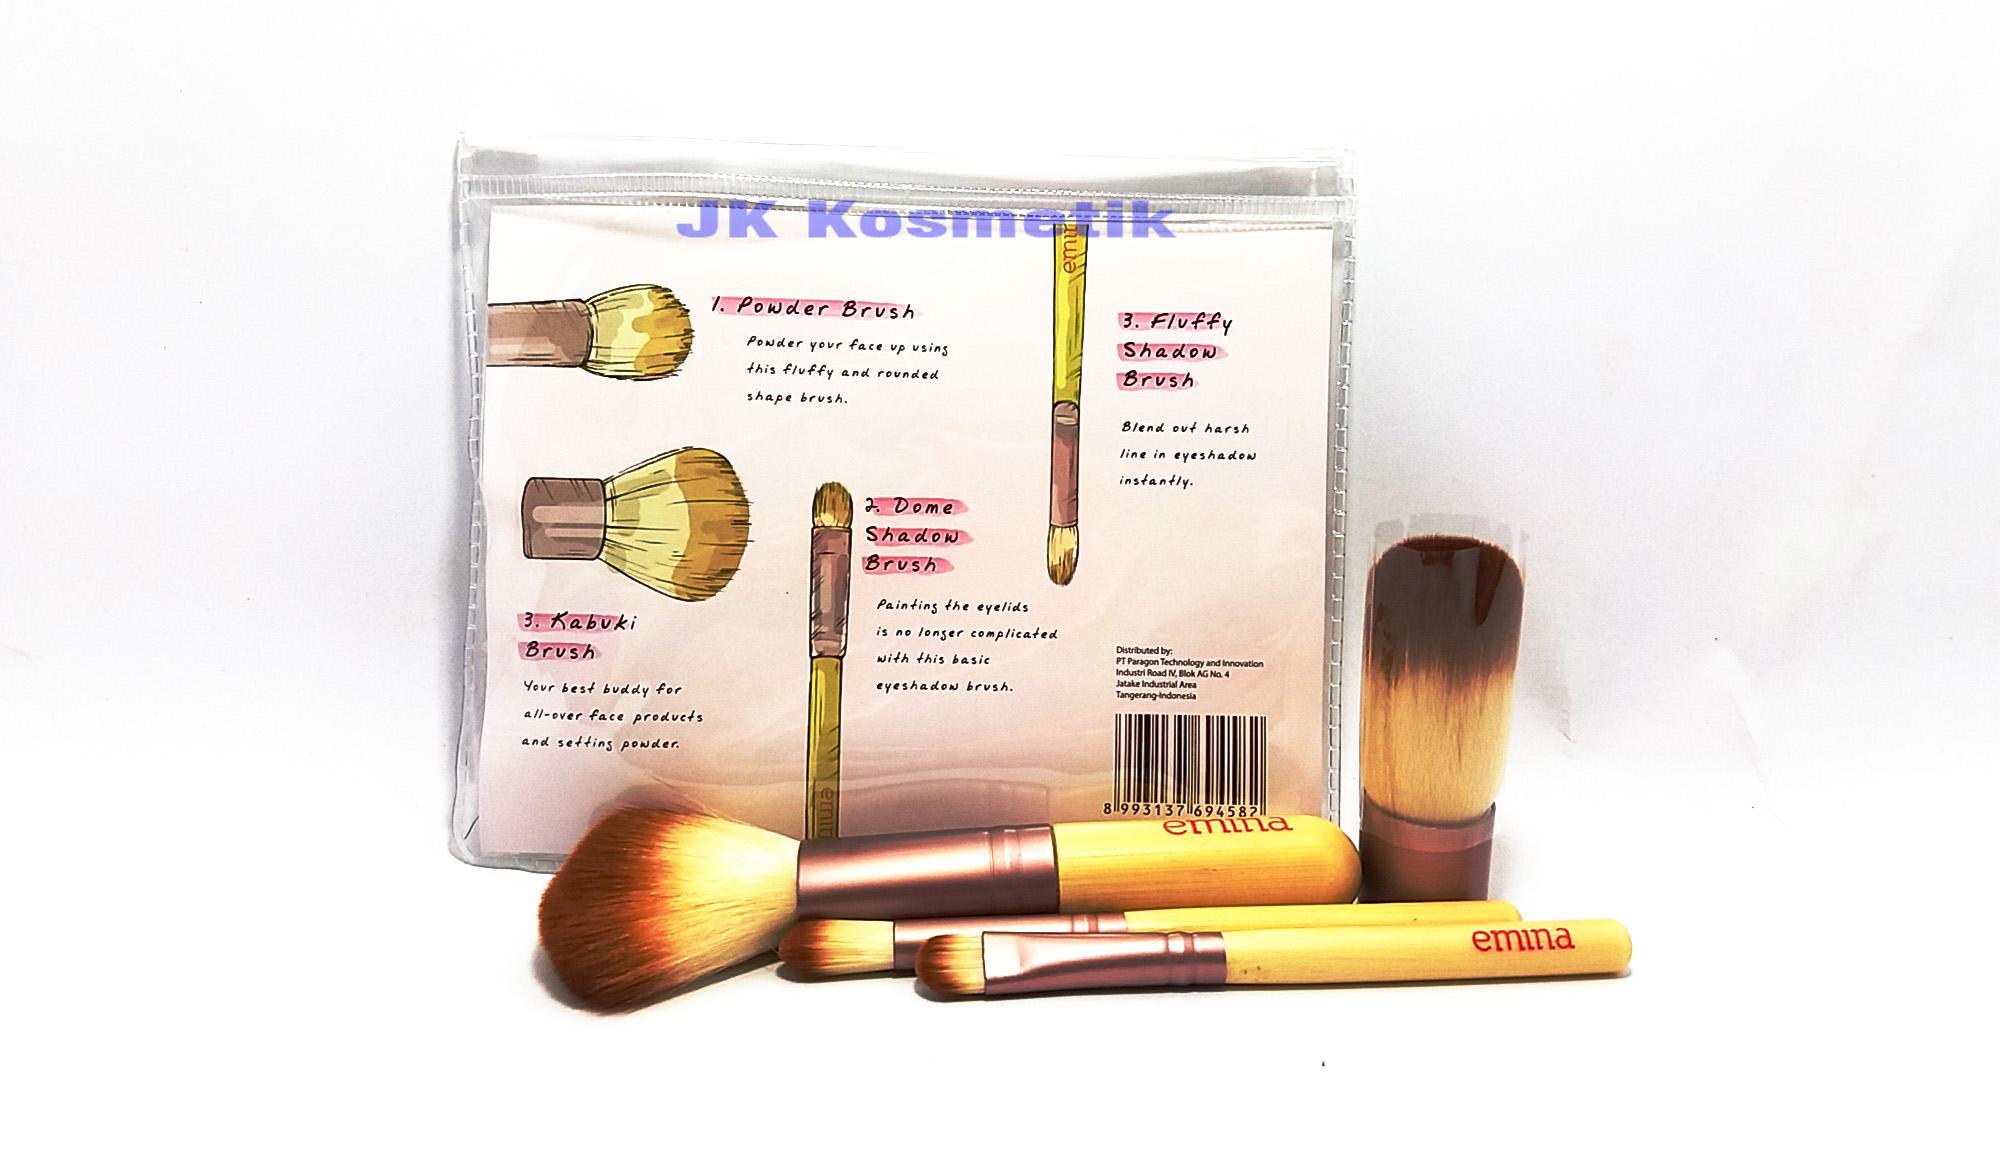 Fitur Emina Kuas Brush Set Isi 4 Dan Harga Terbaru Daftar Cosmetic Make Up 11 With Pouch Detail Gambar Terkini